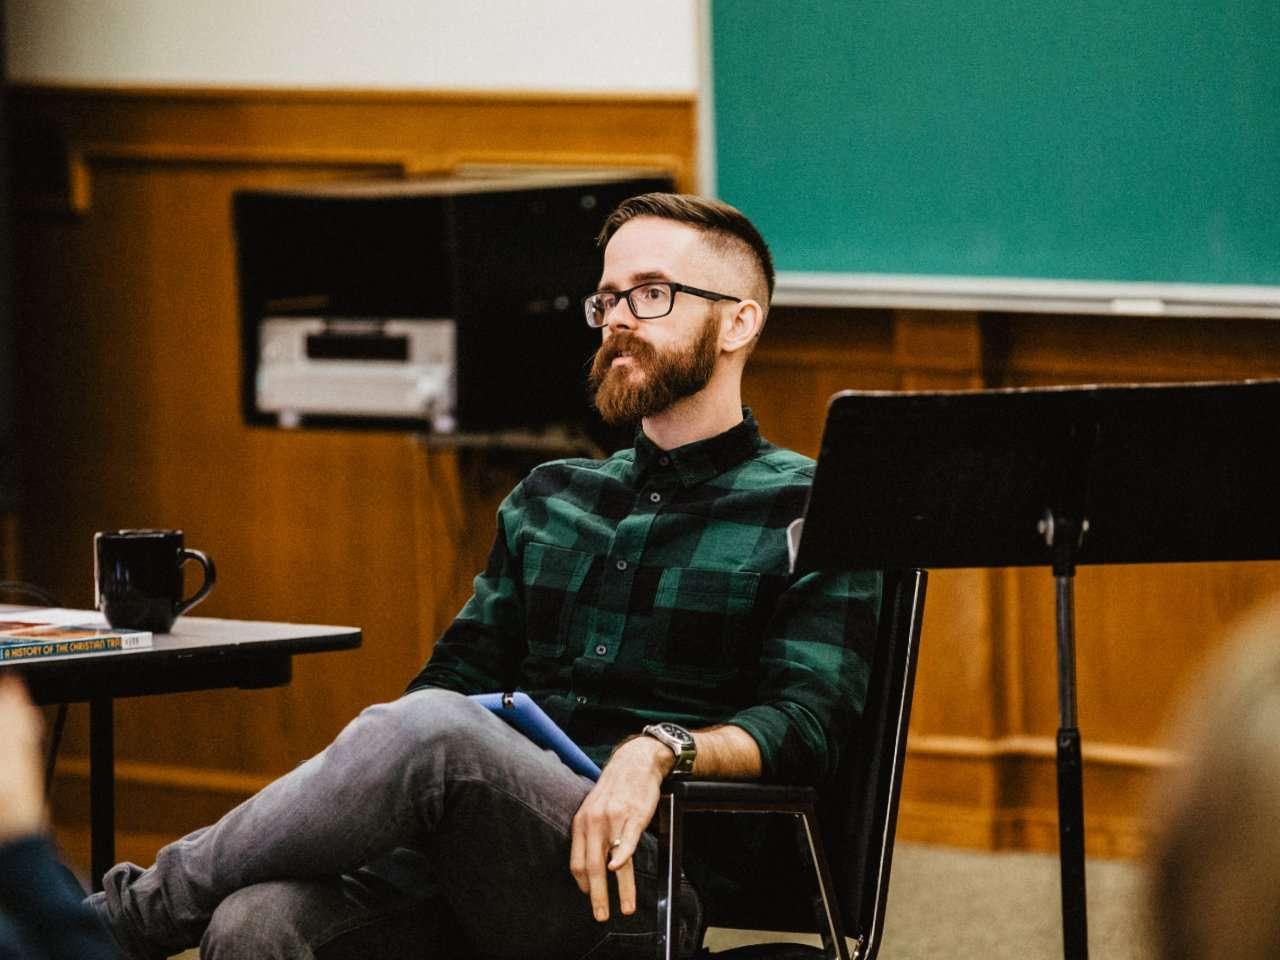 sean teaching